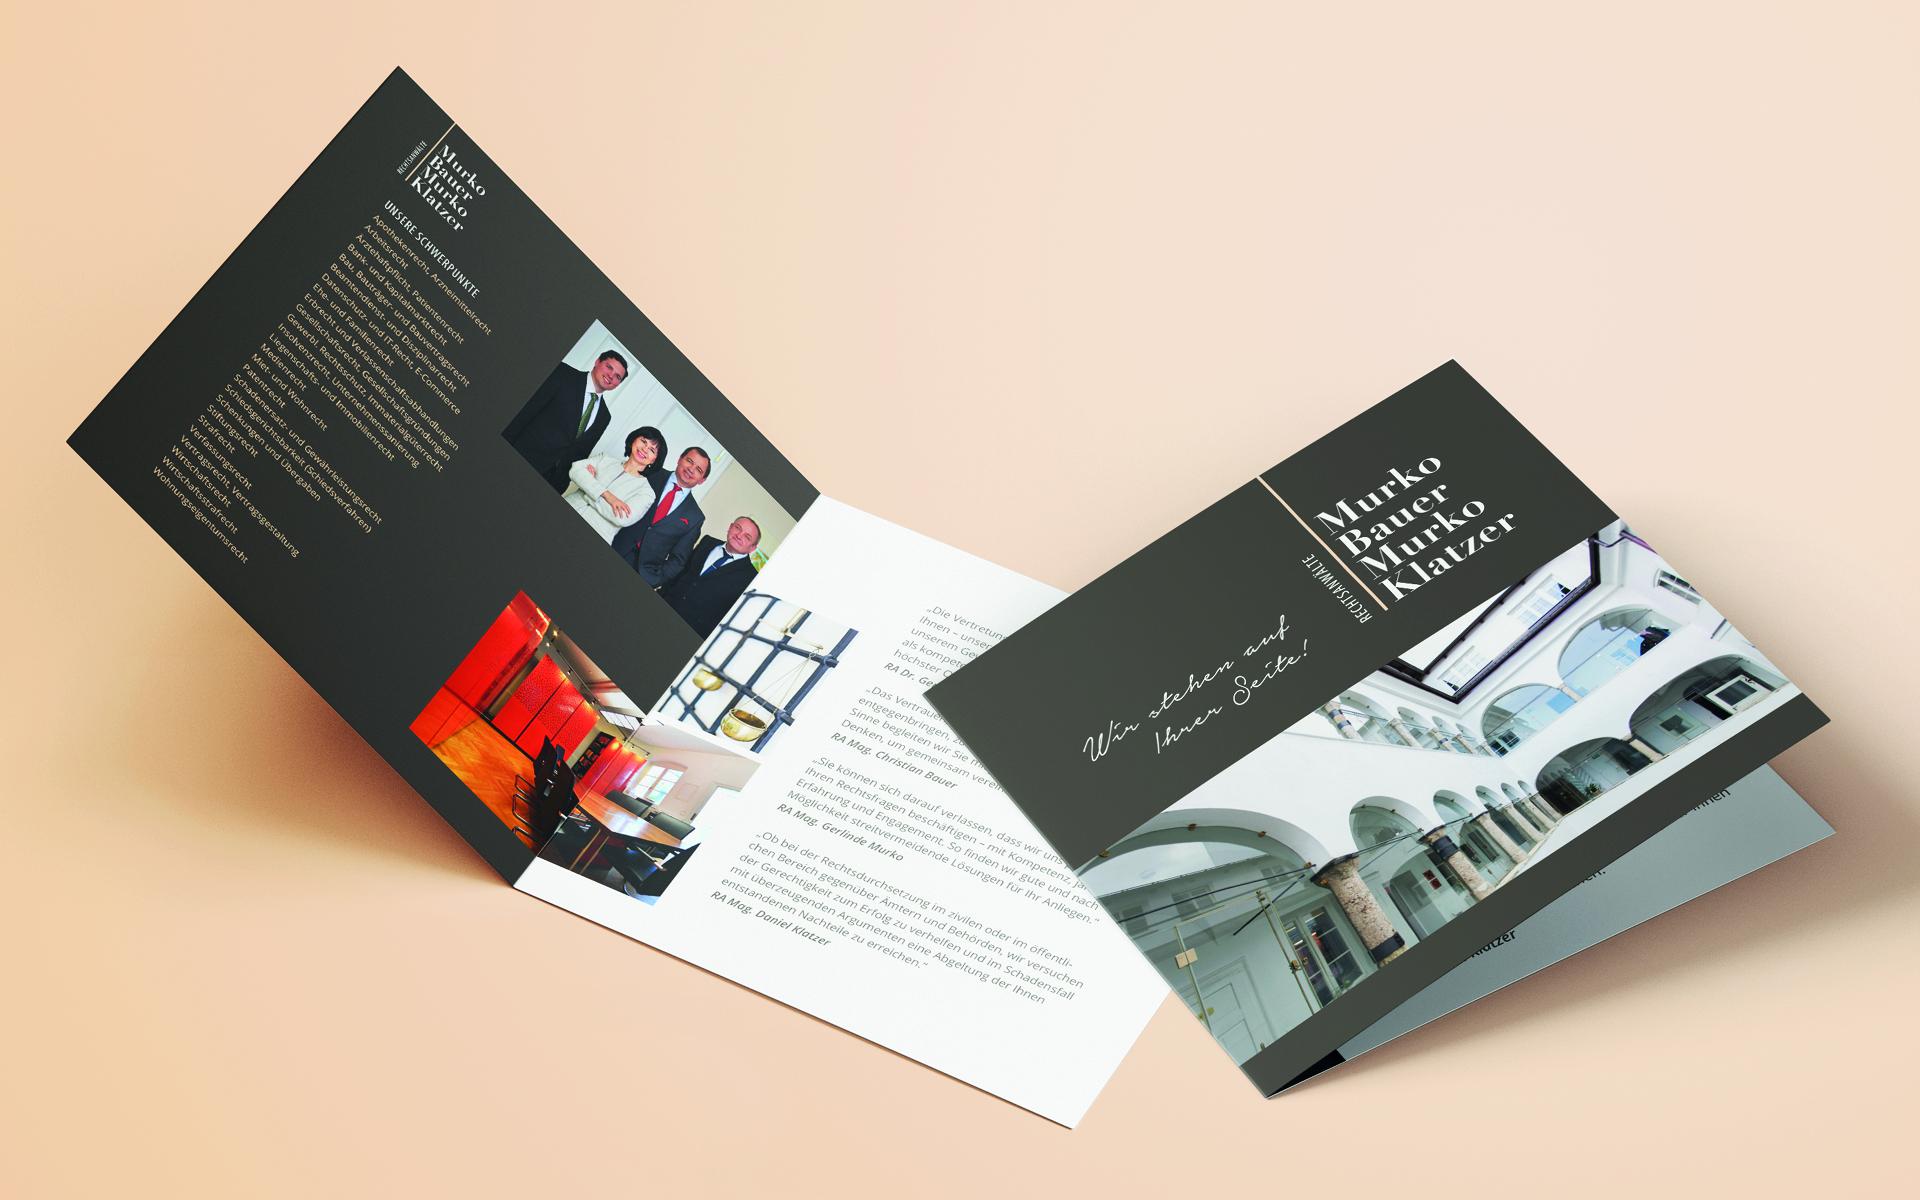 Folder im Rahmen des Redesign für Rechtsanwaltskanzlei Murko Bauer Murko Klatzer von look! design